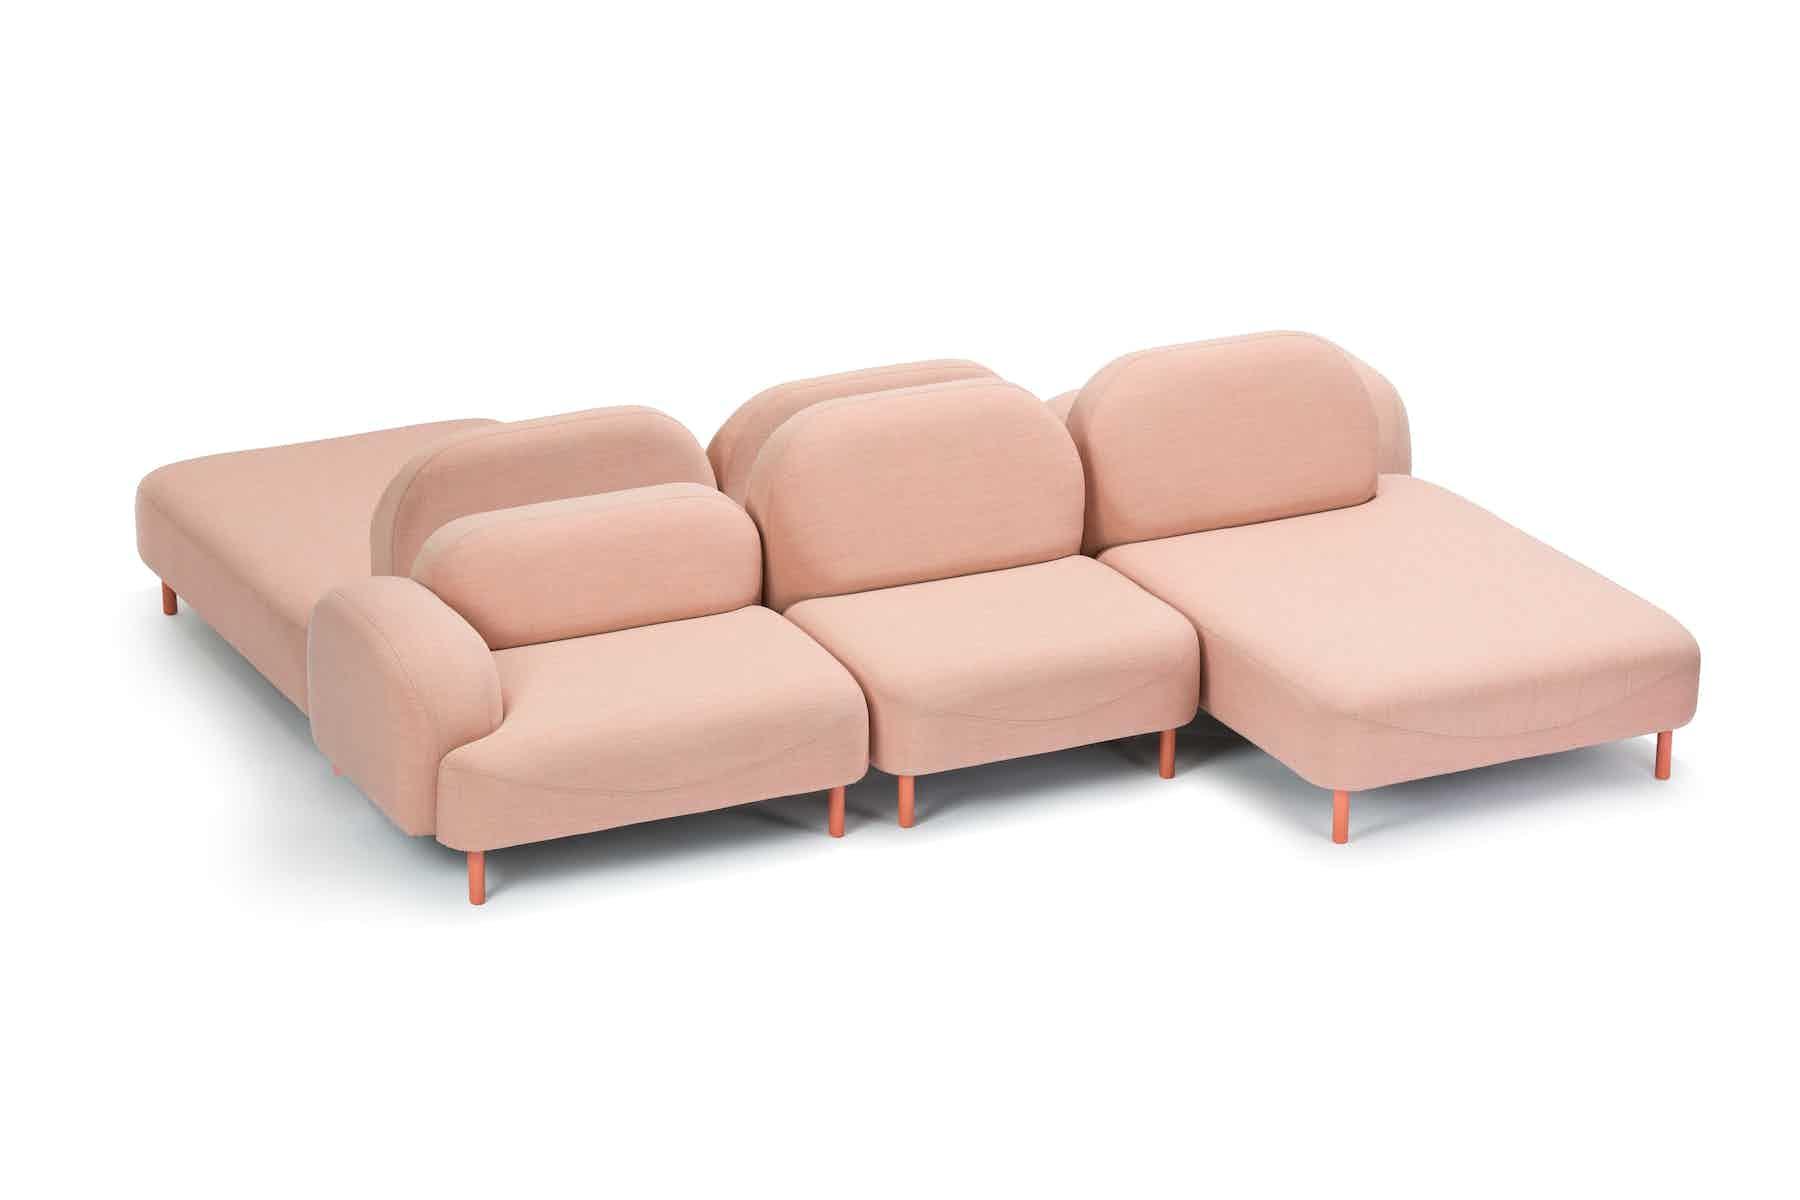 Deadgood-scafell-modular-sofa-peach-haute-living